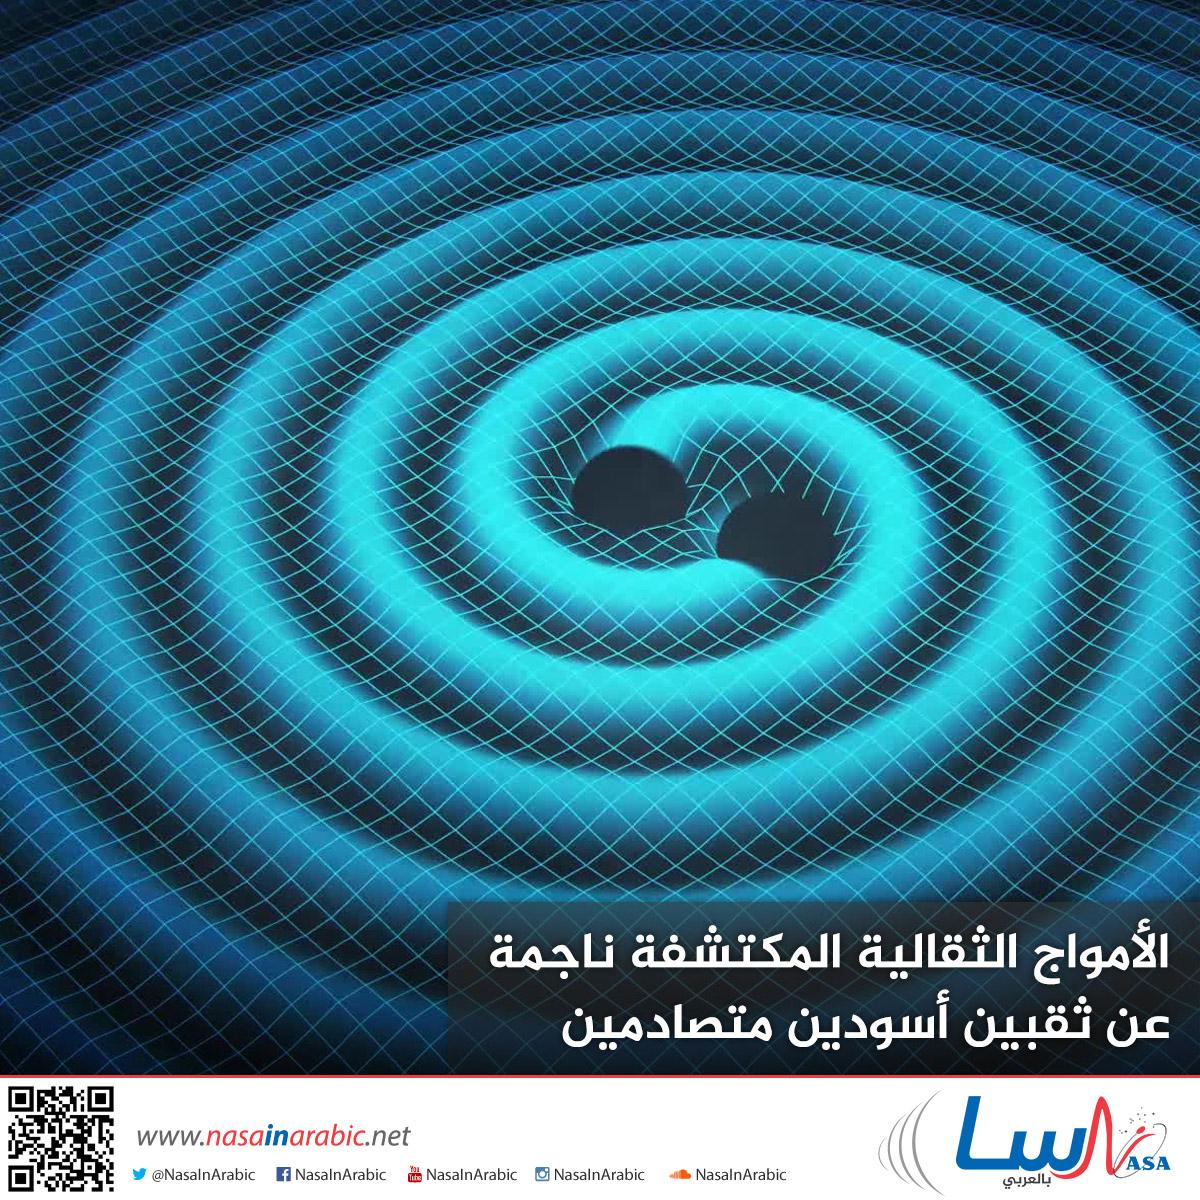 الأمواج الثقالية المكتشفة ناجمة عن ثقبين أسودين متصادمين